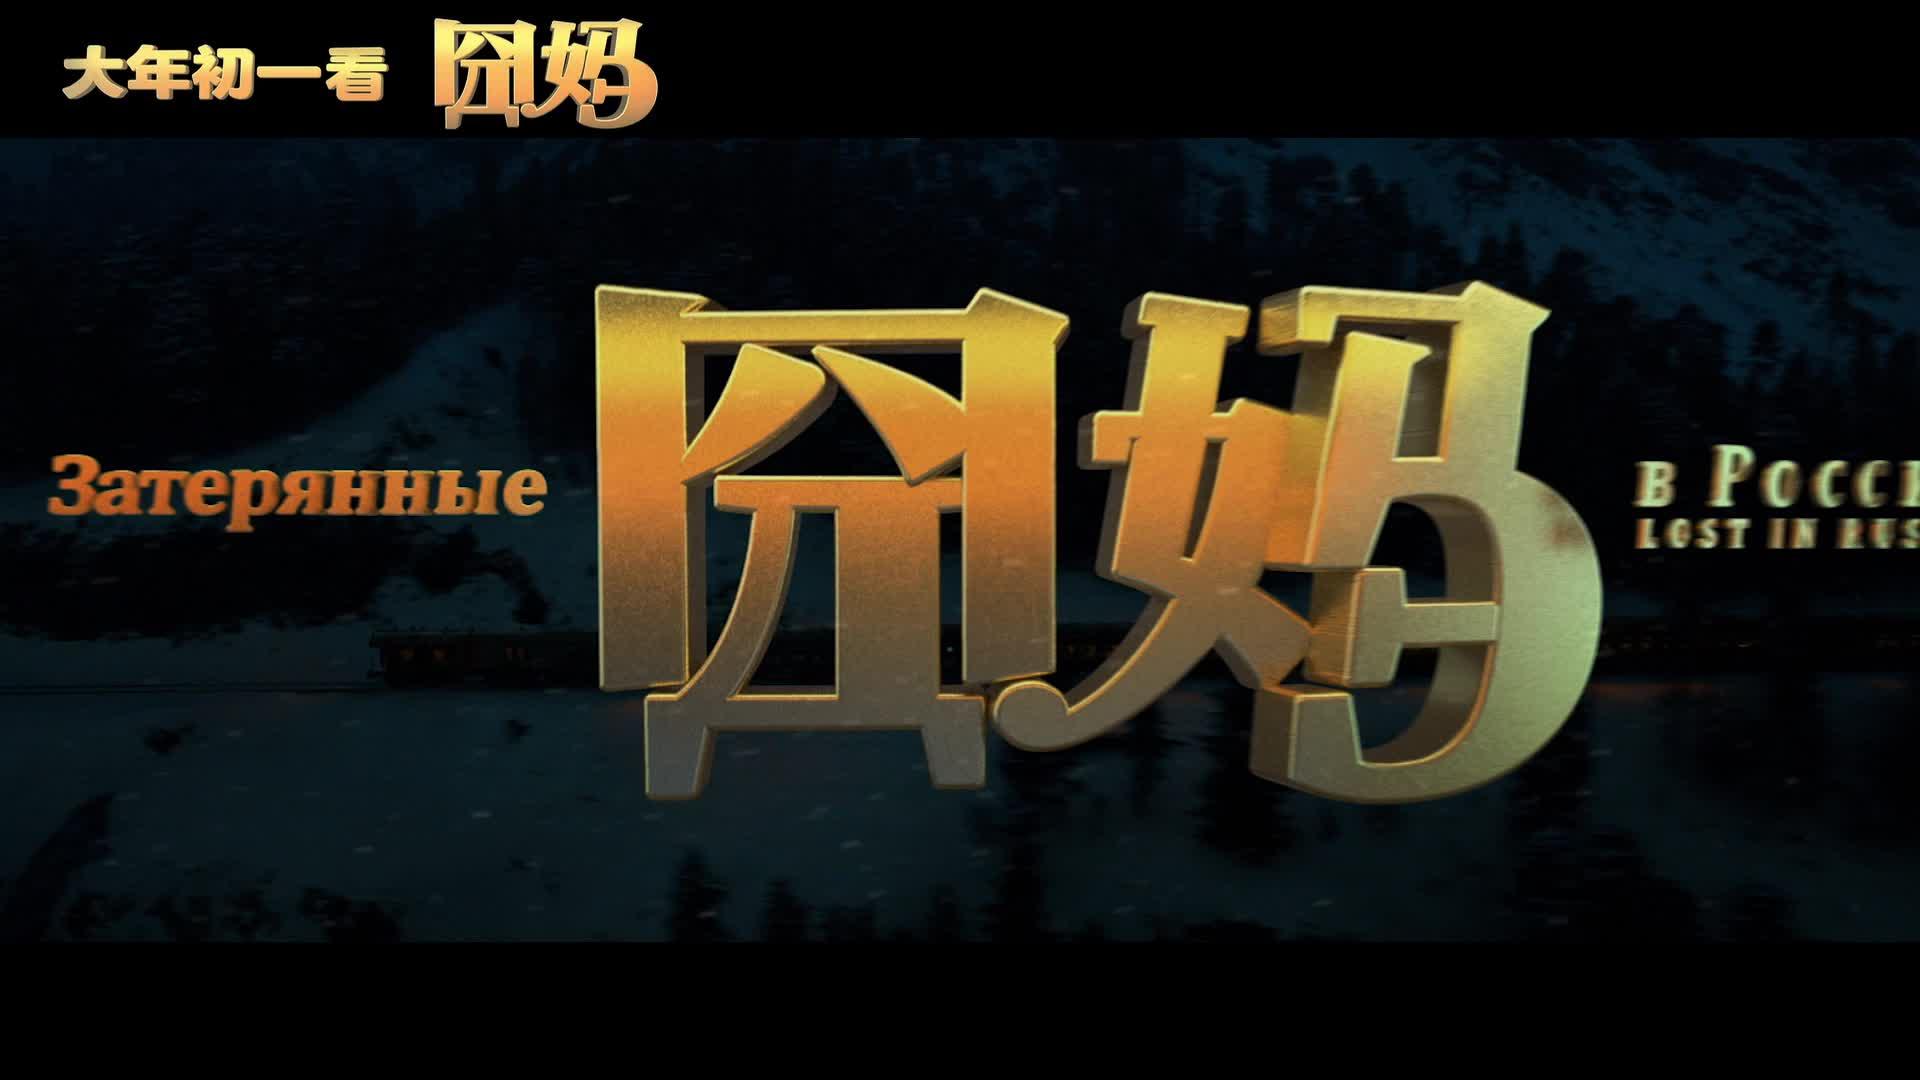 《囧妈》预告片